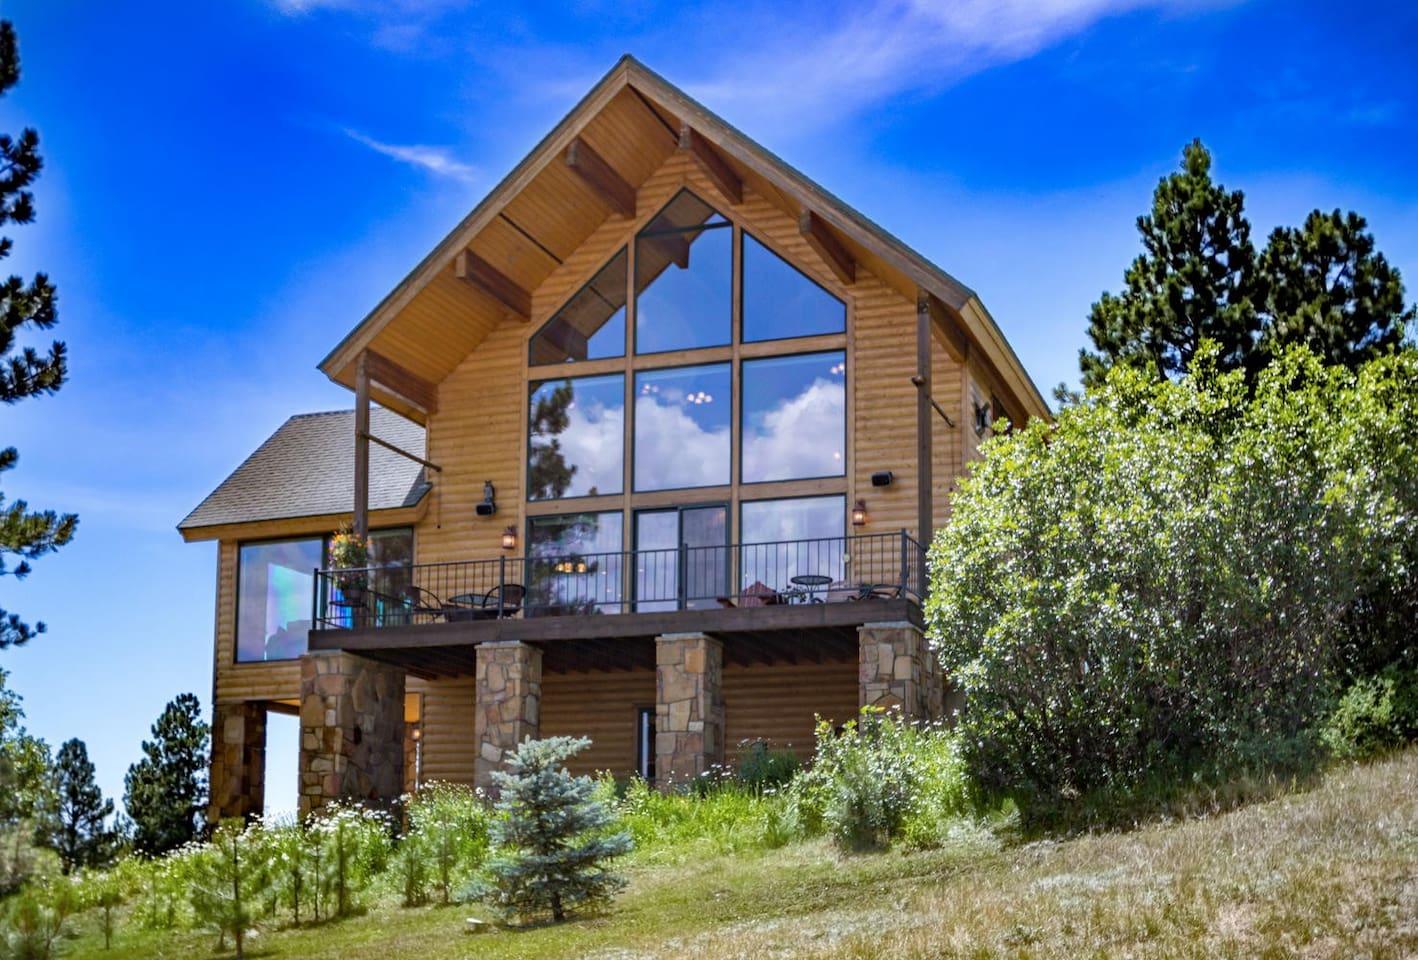 Luxurious hilltop cabin